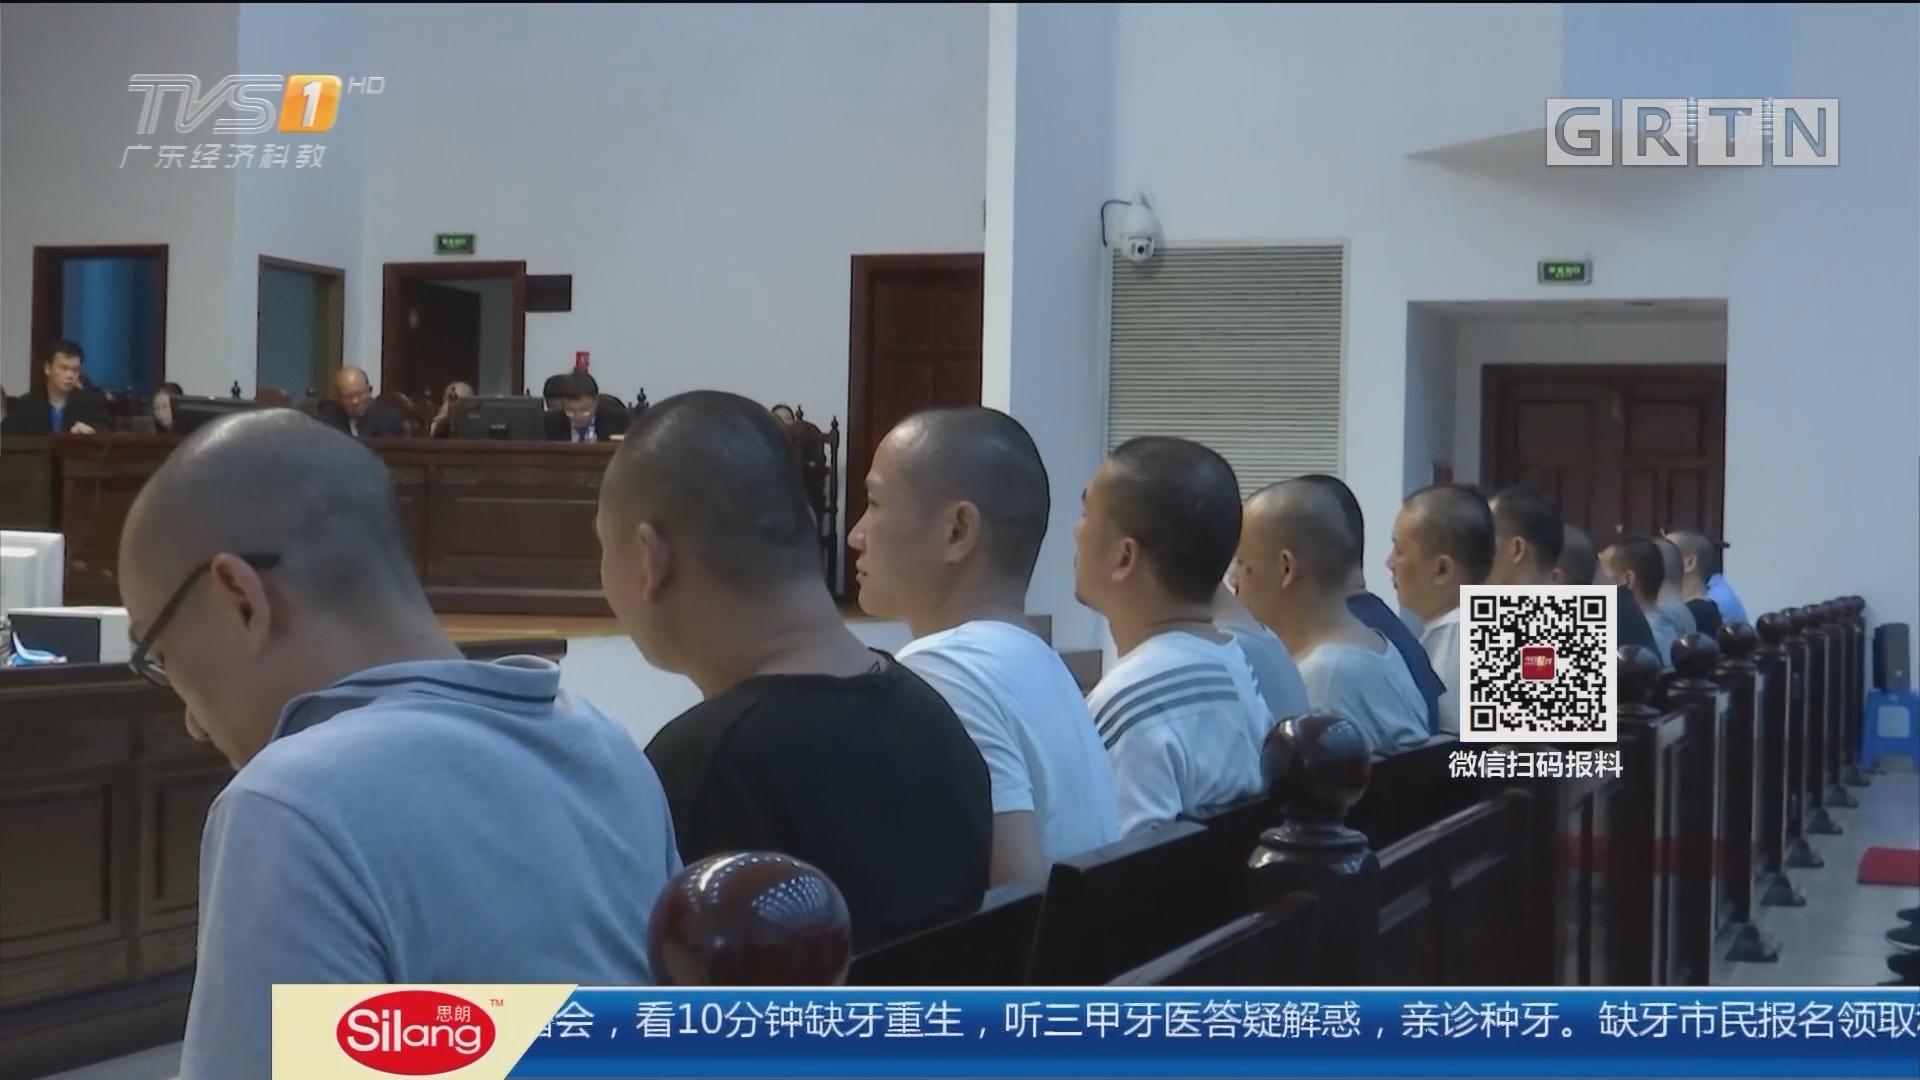 扫黑除恶:惠州 涉黑团伙盘踞惠州超20年 3人被判死缓